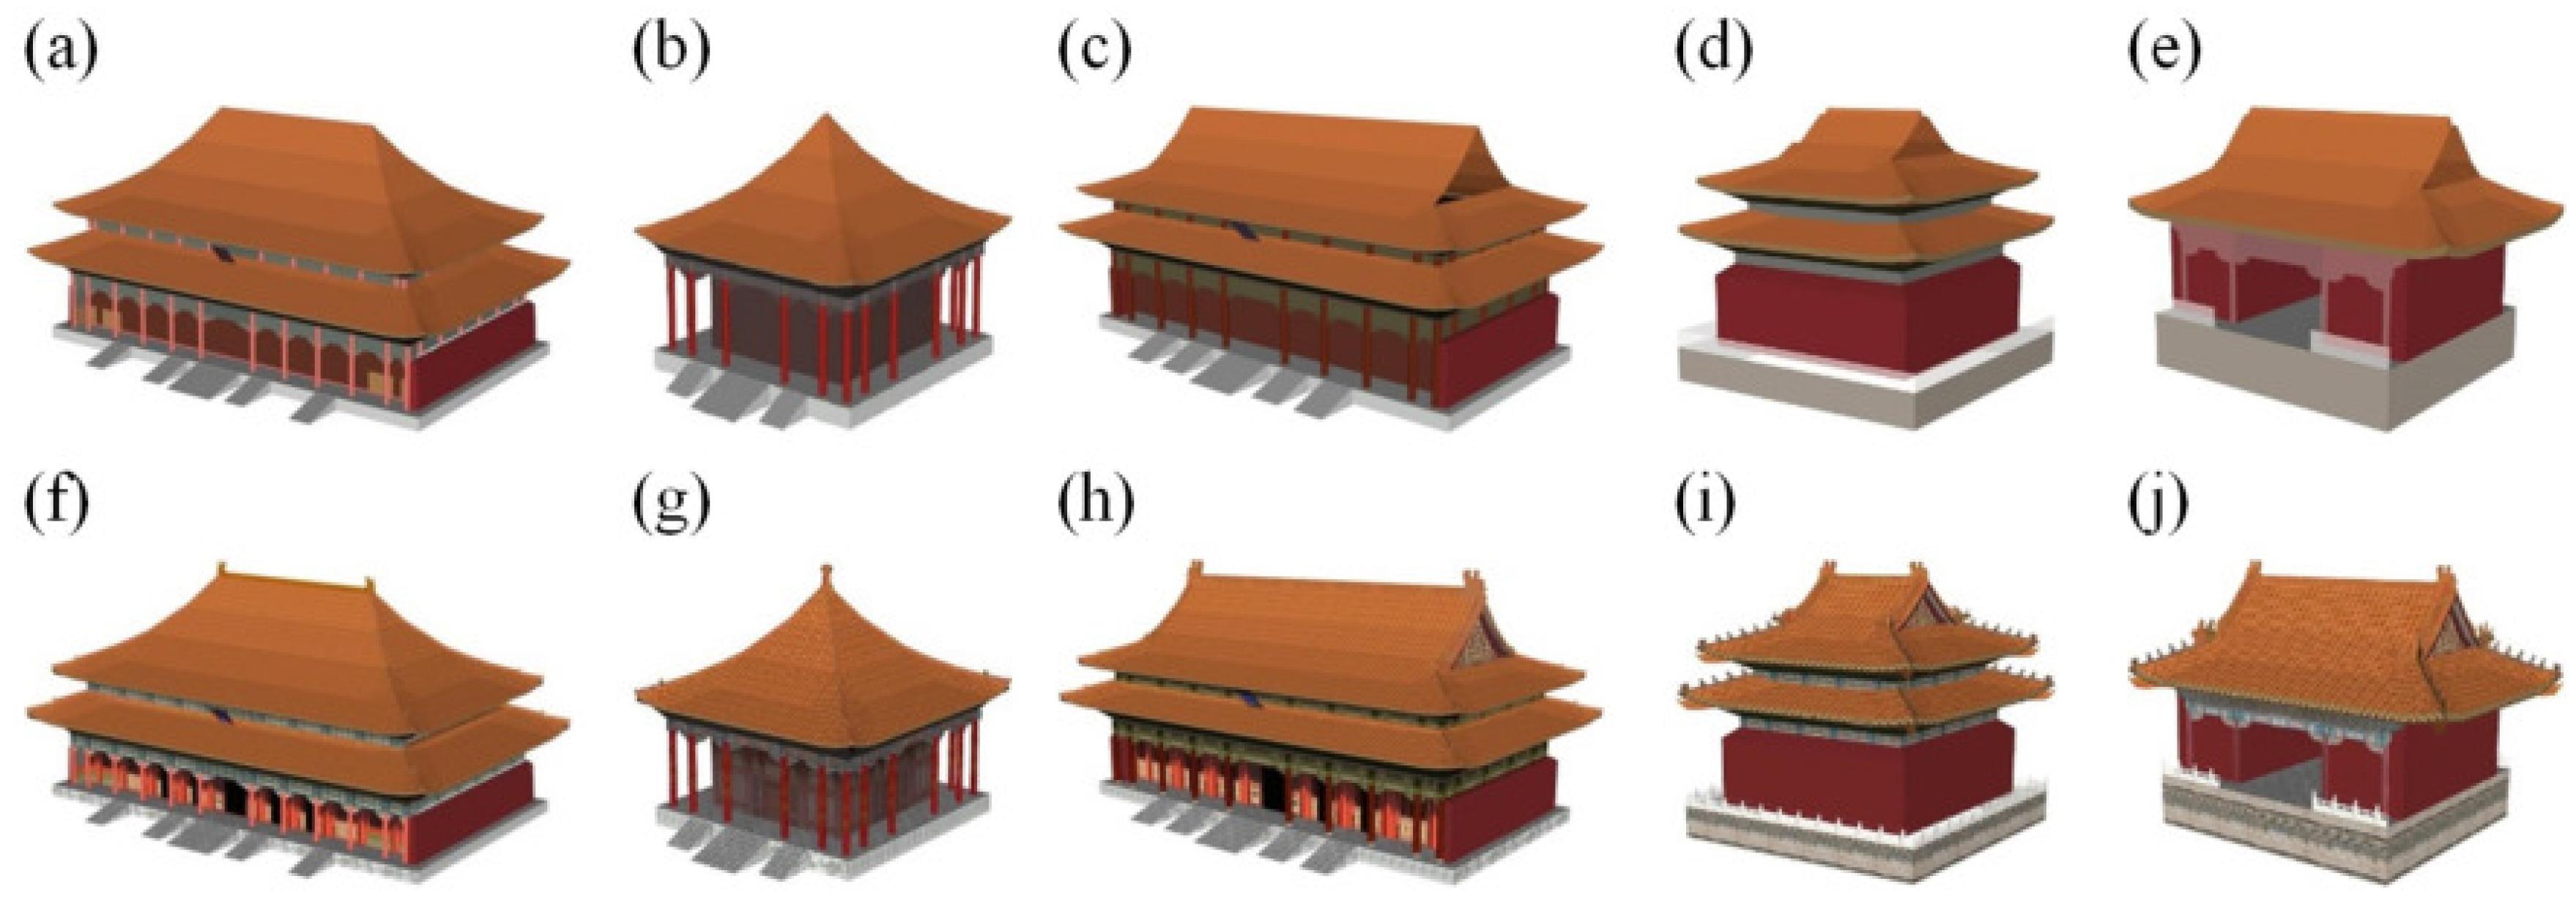 Ijgi Free Full Text Semantic 3d Modeling Based On